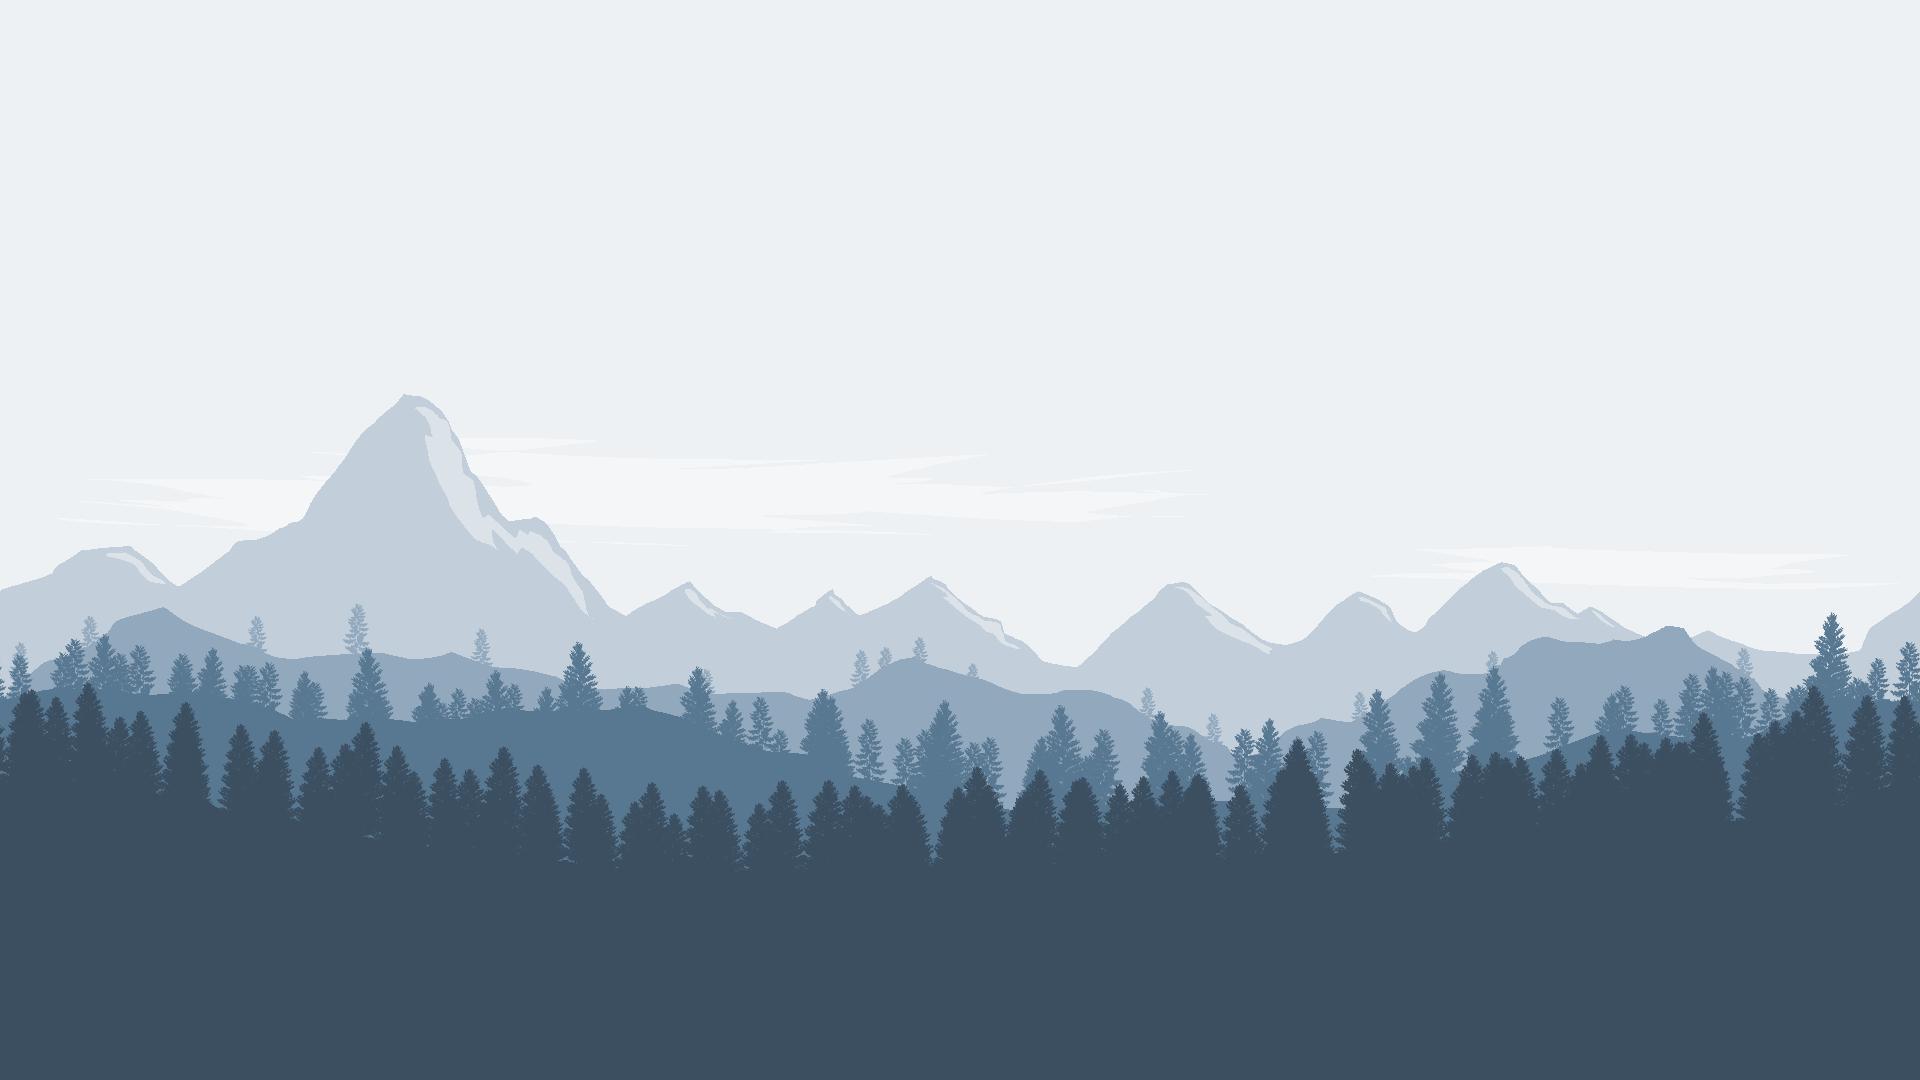 landscape.png PlusPng.com  - Mountain Range PNG HD